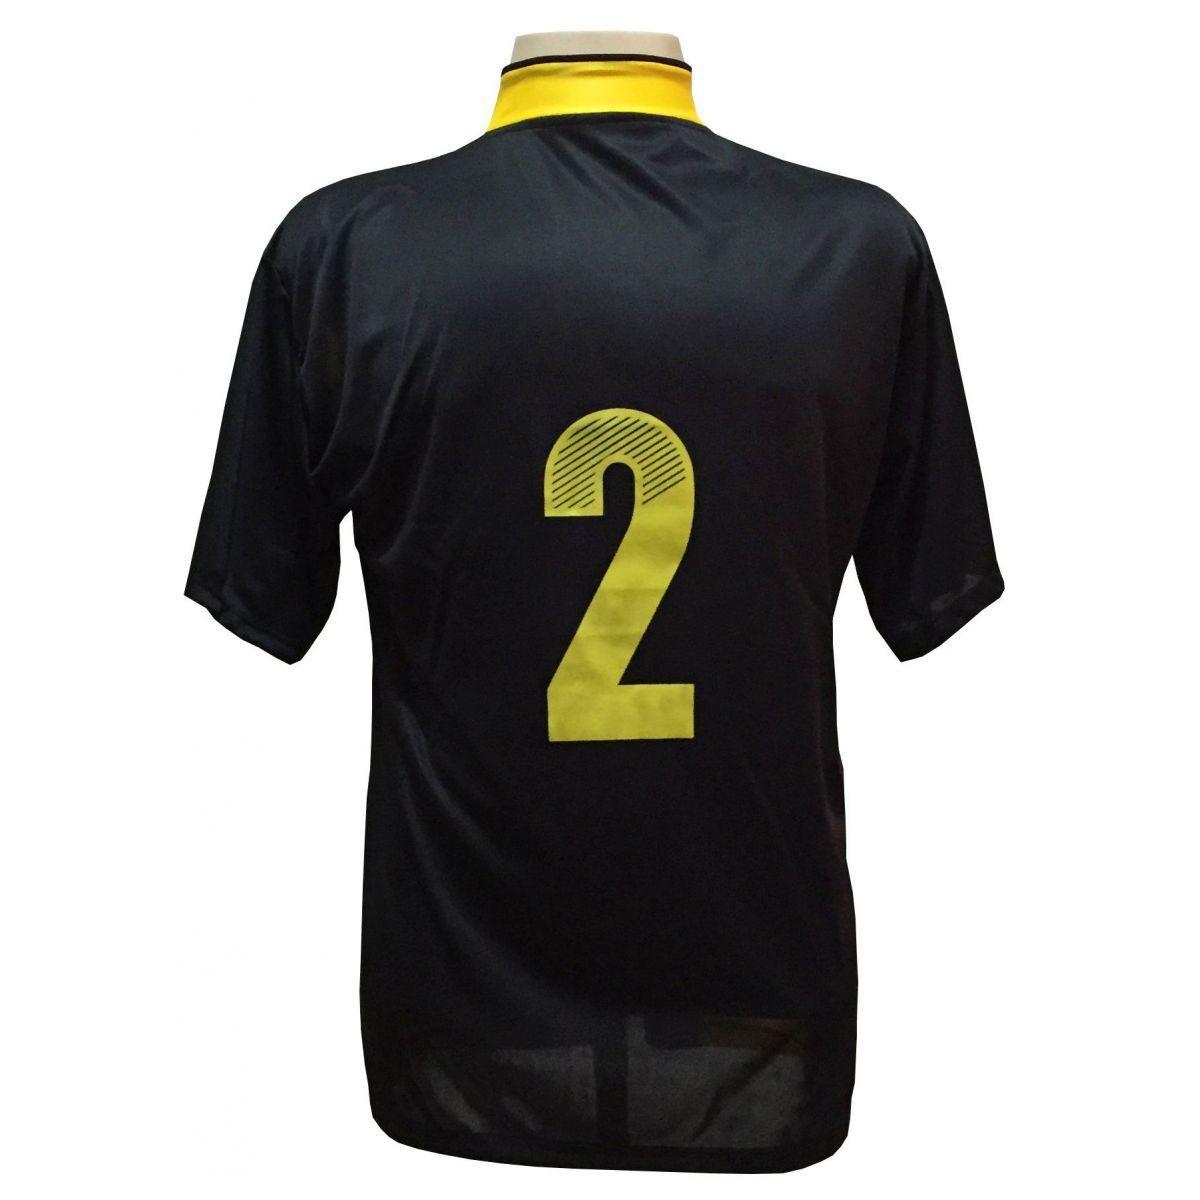 e9f292cd3d Uniforme Esportivo com 14 camisas modelo Suécia Preto Amarelo + 14 calções  modelo Madrid + 1 Goleiro + Brindes - Play fair R  599